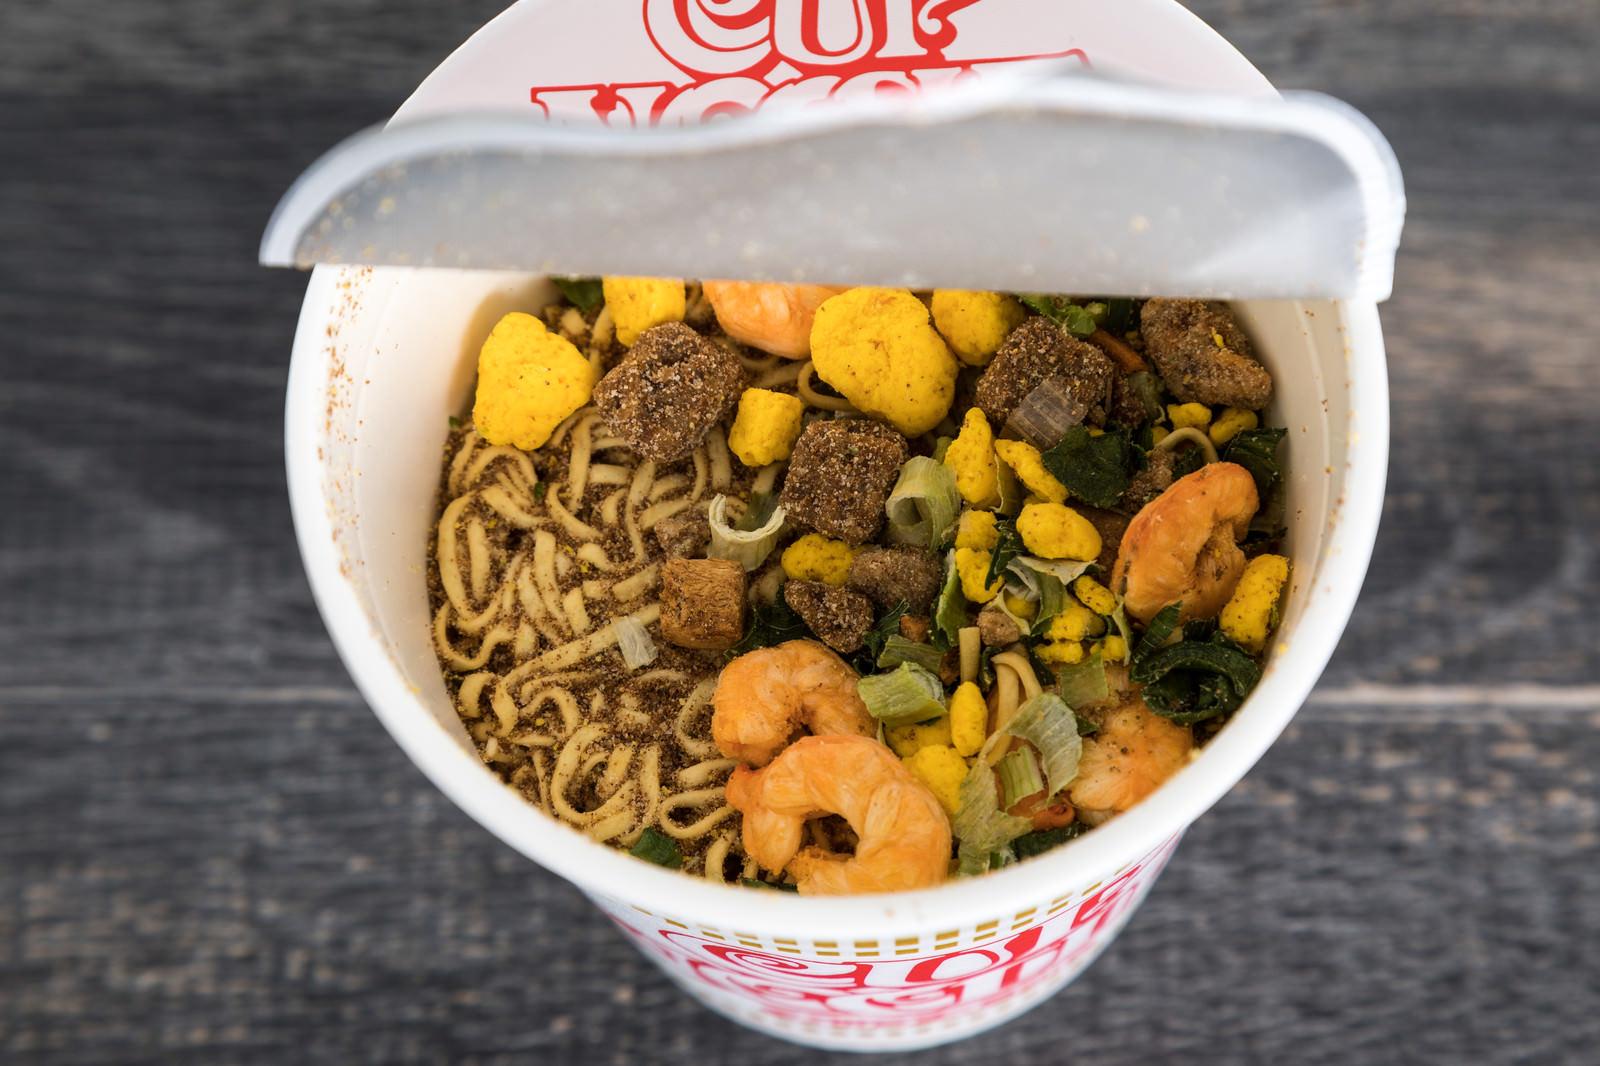 「カップ麺お湯を入れる前カップ麺お湯を入れる前」のフリー写真素材を拡大